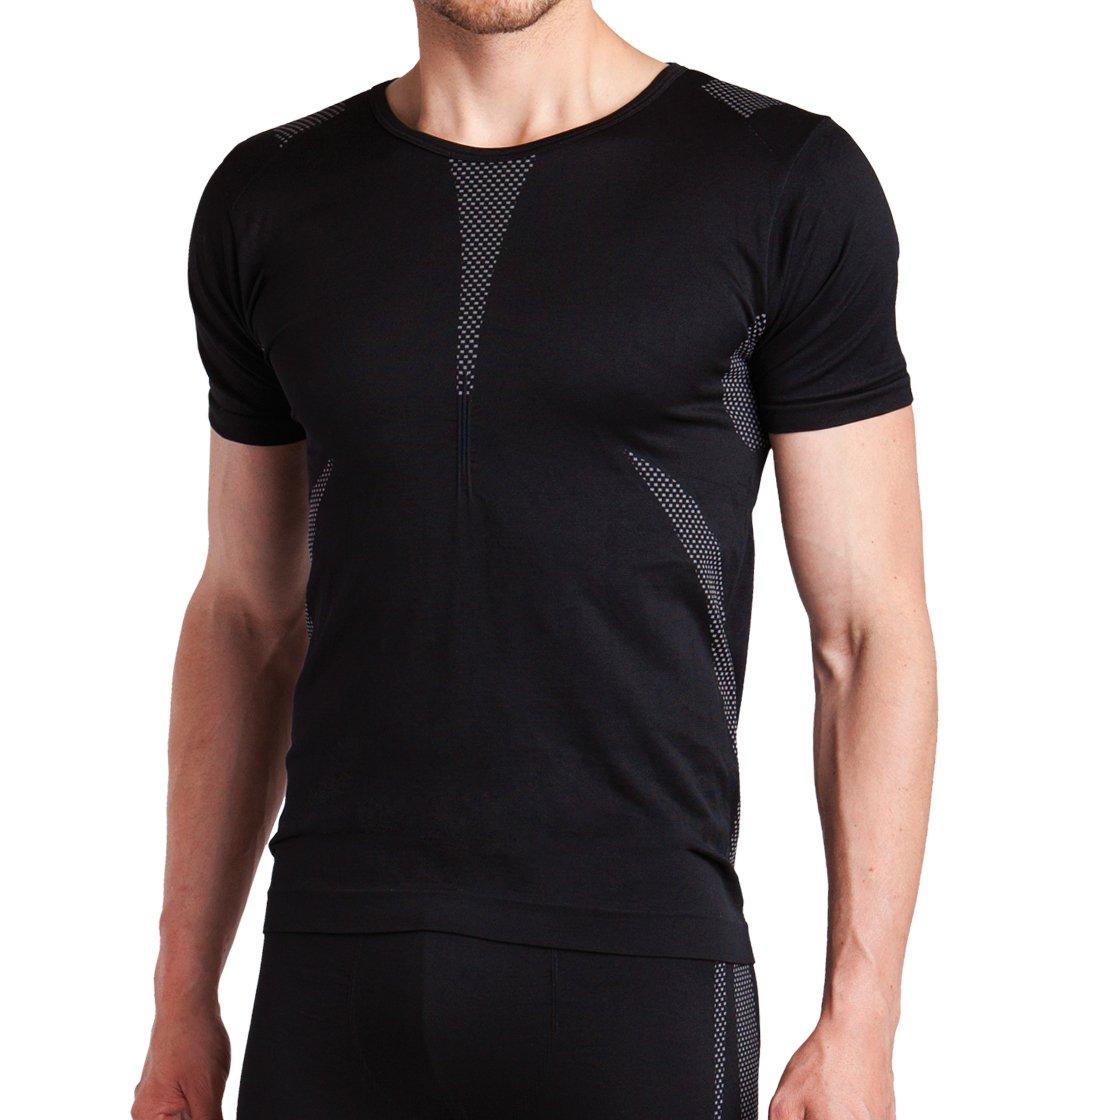 Sport Funktionswäsche Herren Kurzarm Hemd Seamless von celodoro - Ski-, Thermo- & Funktionsshirt ohne störende Nähte mit Elasthan in versch. Farben